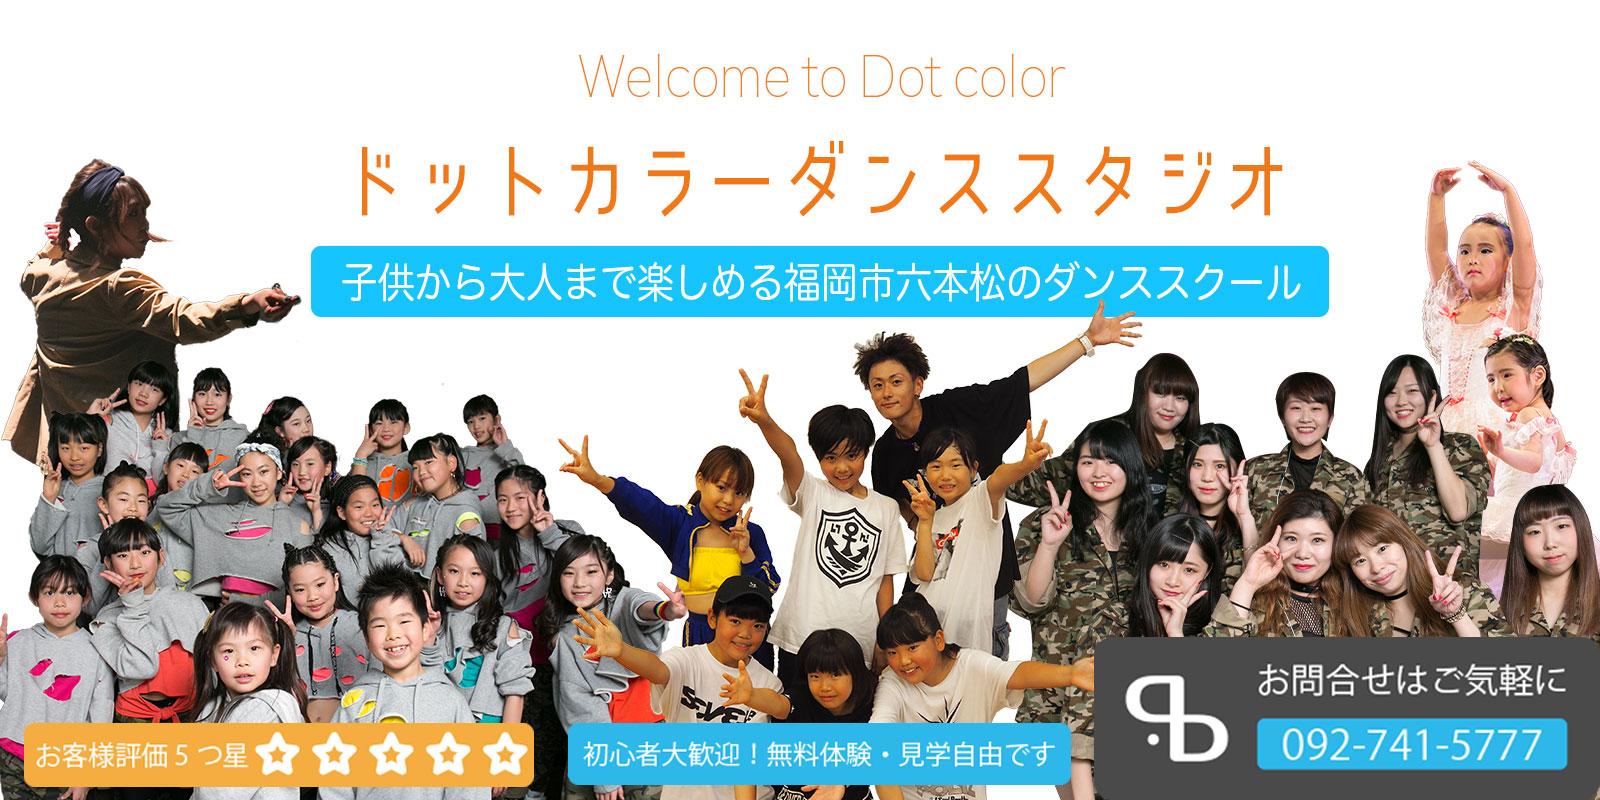 ドットカラーダンススタジオ|福岡市六本松のダンススタジオ|レンタルスタジオ